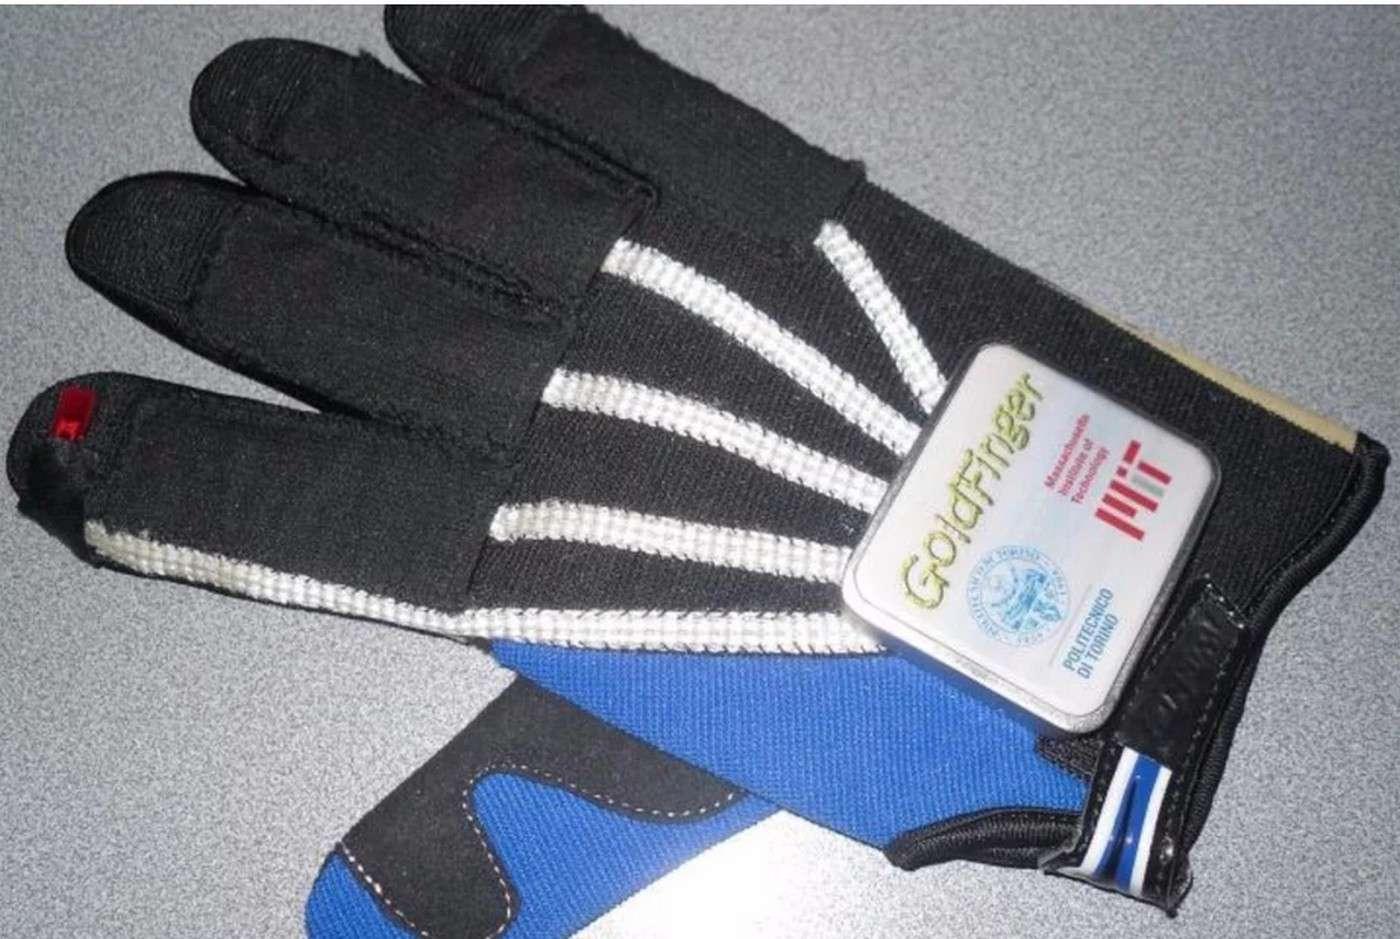 Ce gant d'apparence banale est en fait bardé d'électronique. Grâce à des transducteurs piézoélectriques intégrés dans le tissu au niveau des doigts, les mouvements alimentent la batterie, libérant le système de câbles gênants. © Politecnico di Torino, MIT